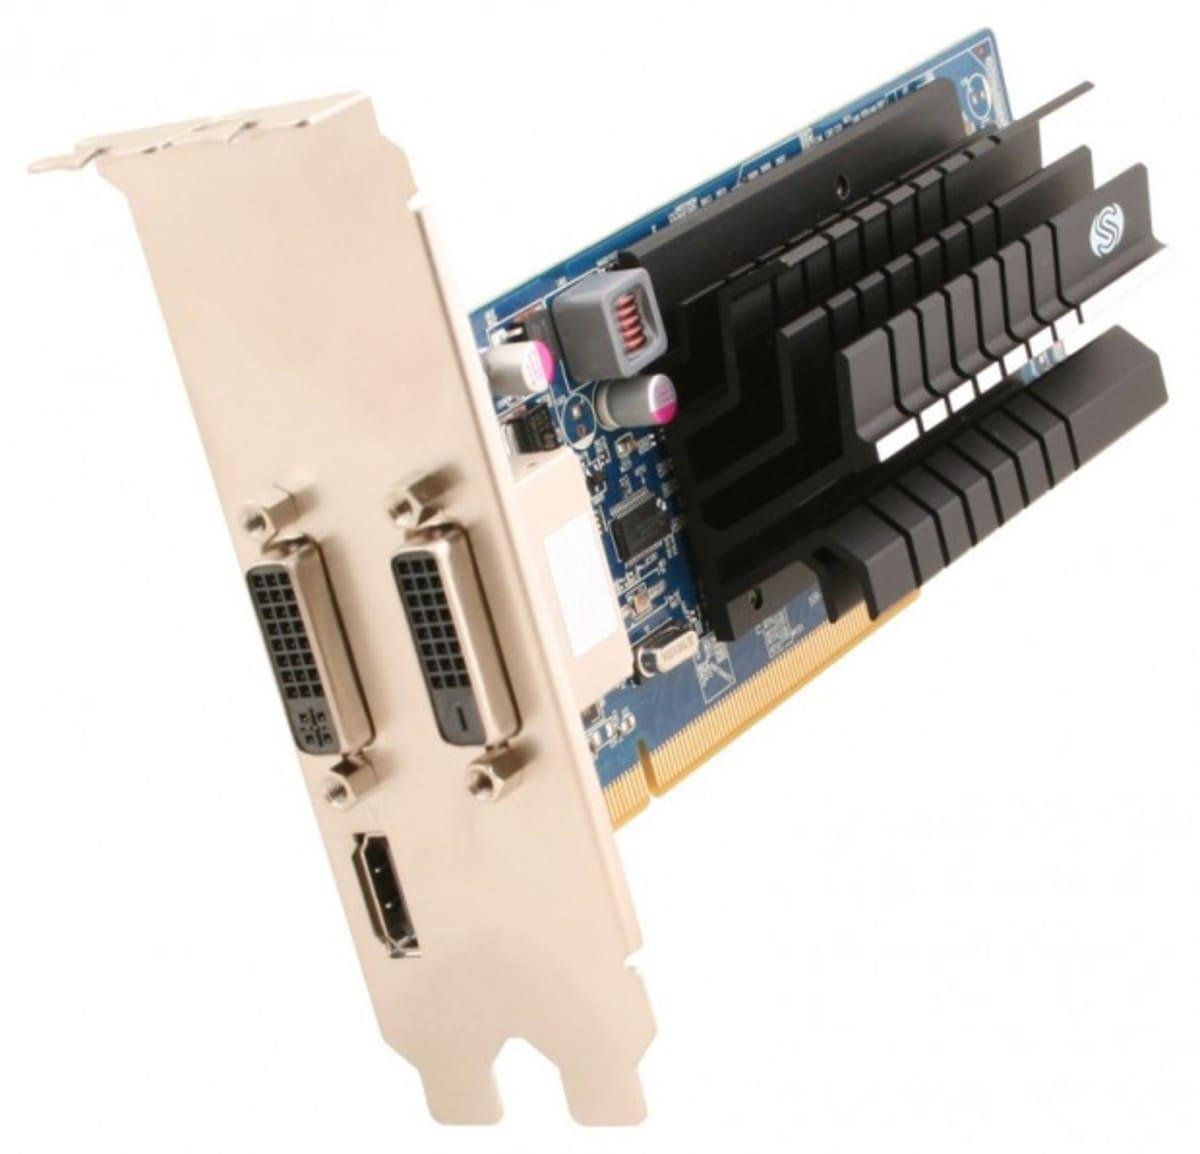 Sapphire HD 6450 Flex 3 e1323429221145 2